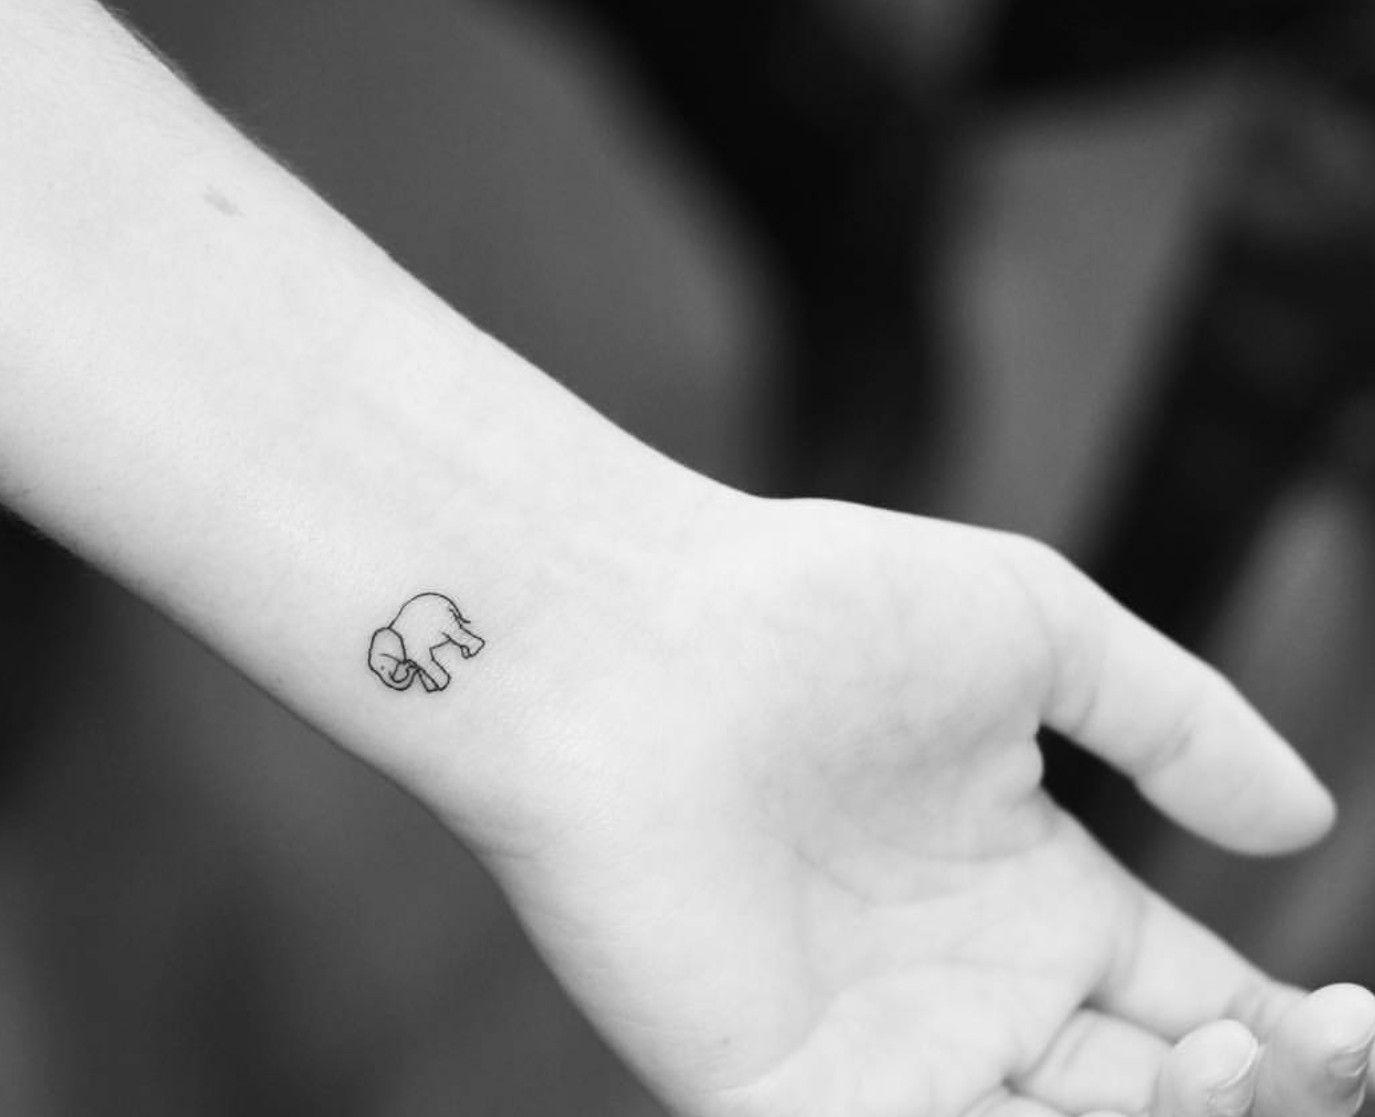 Dainty Elephant Tattoo Tiny Elephant Tattoo Elephant Tattoo Small Elephant Tattoo Design